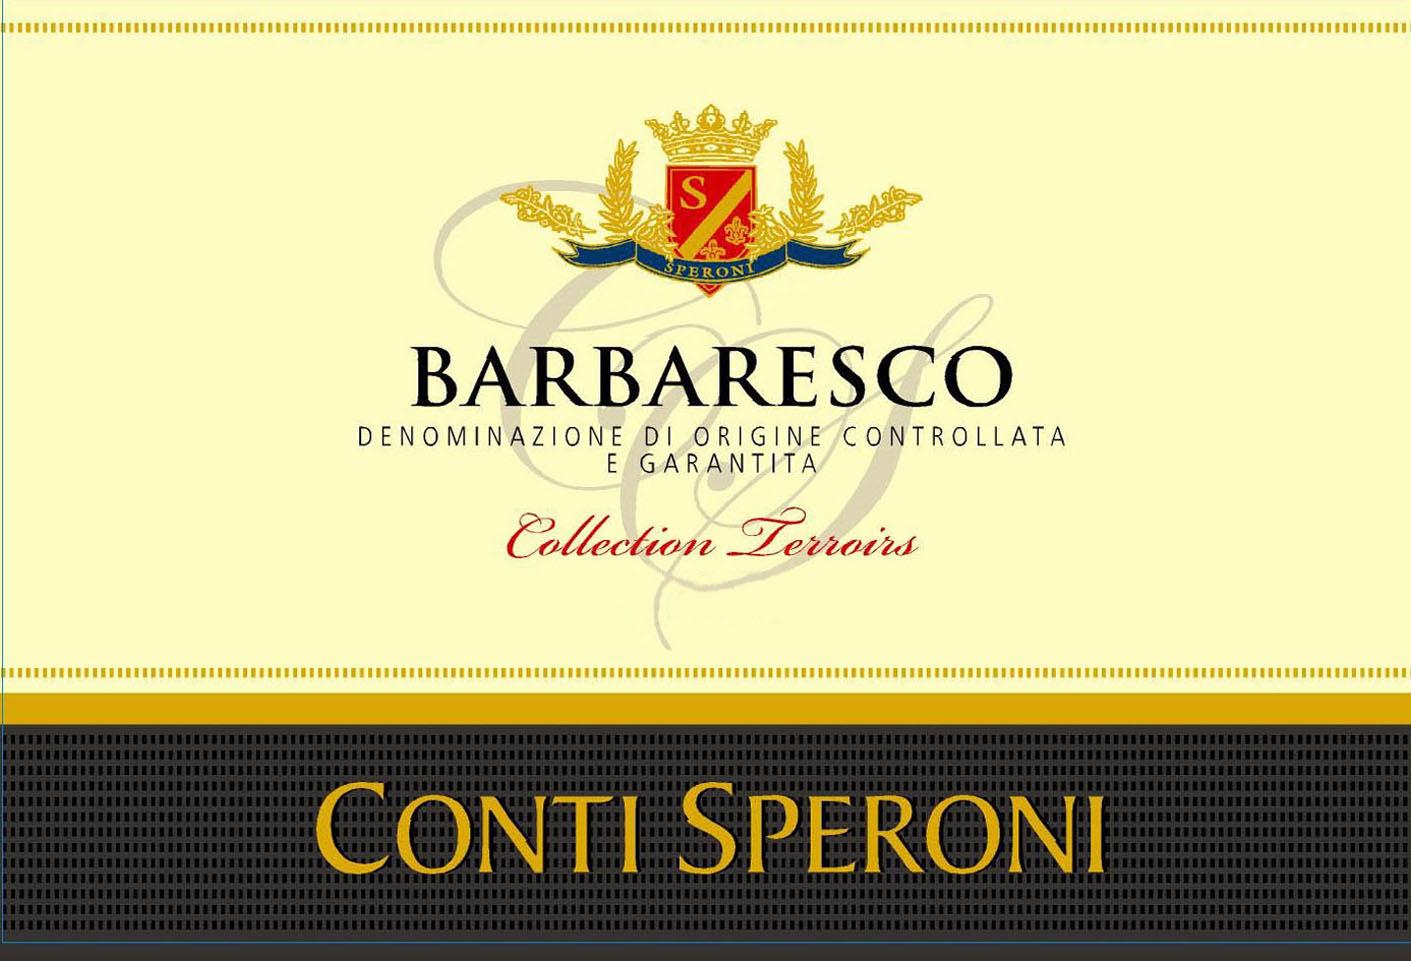 Conti Speroni - Barbaresco